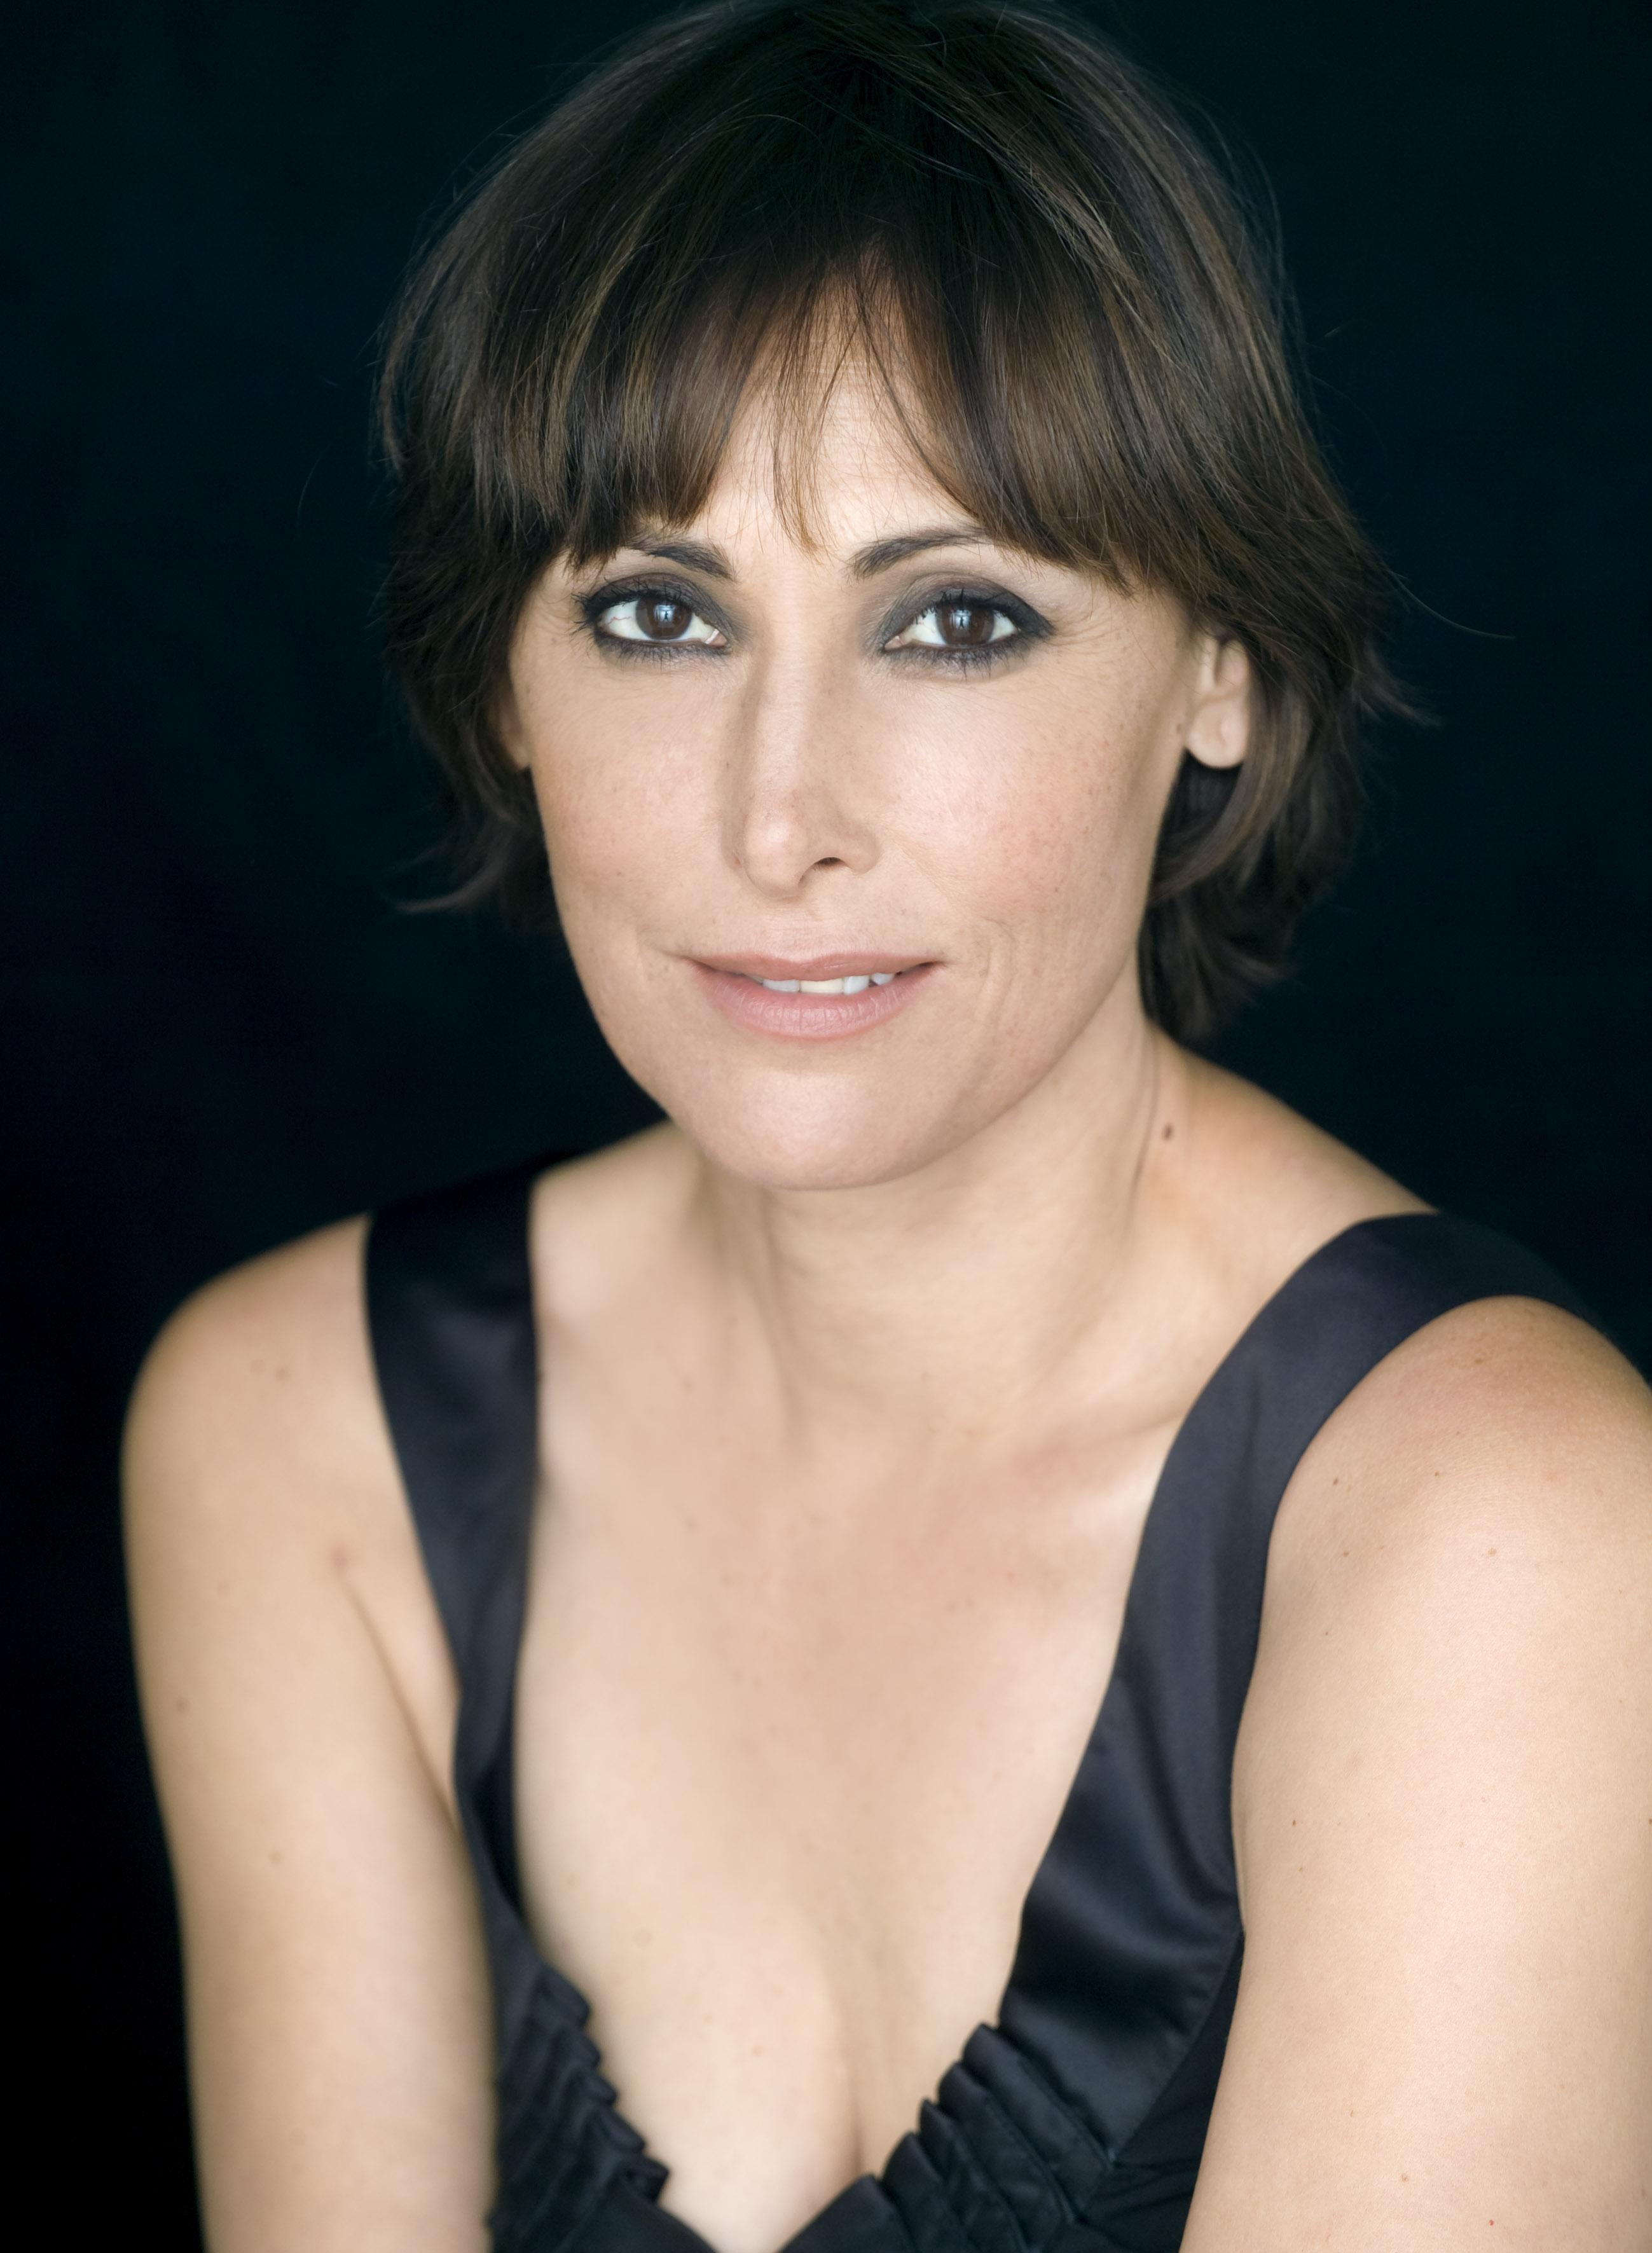 María Barranco. La foto es del año 2010. http://blogs.canalsur.es/notasdeprensa